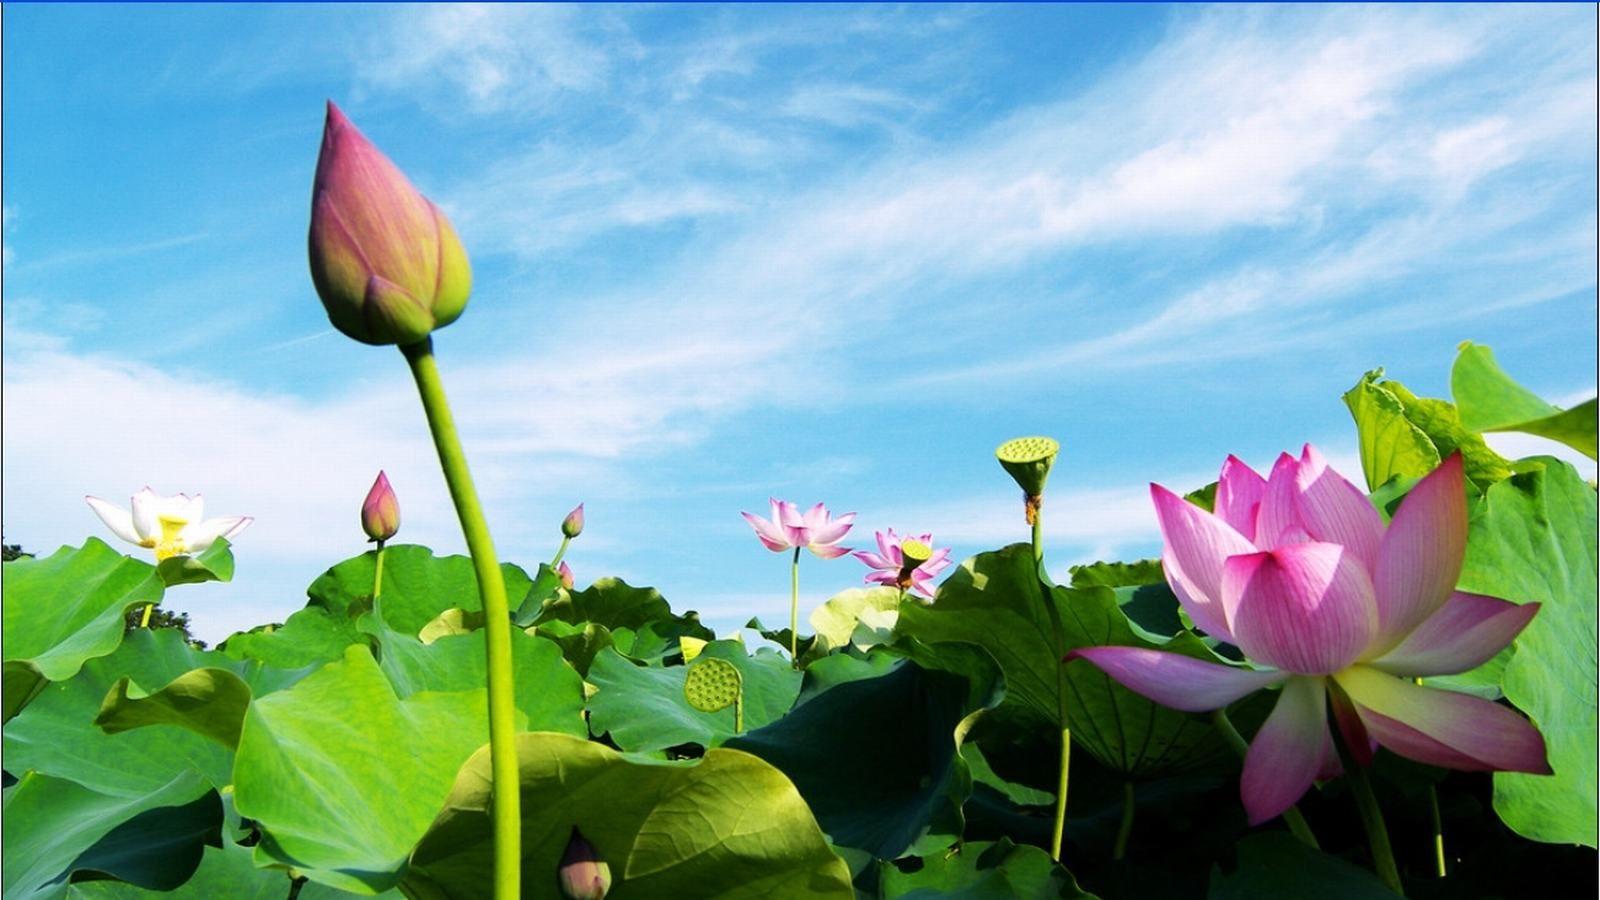 ảnh hoa sen đẹp làm hình nền